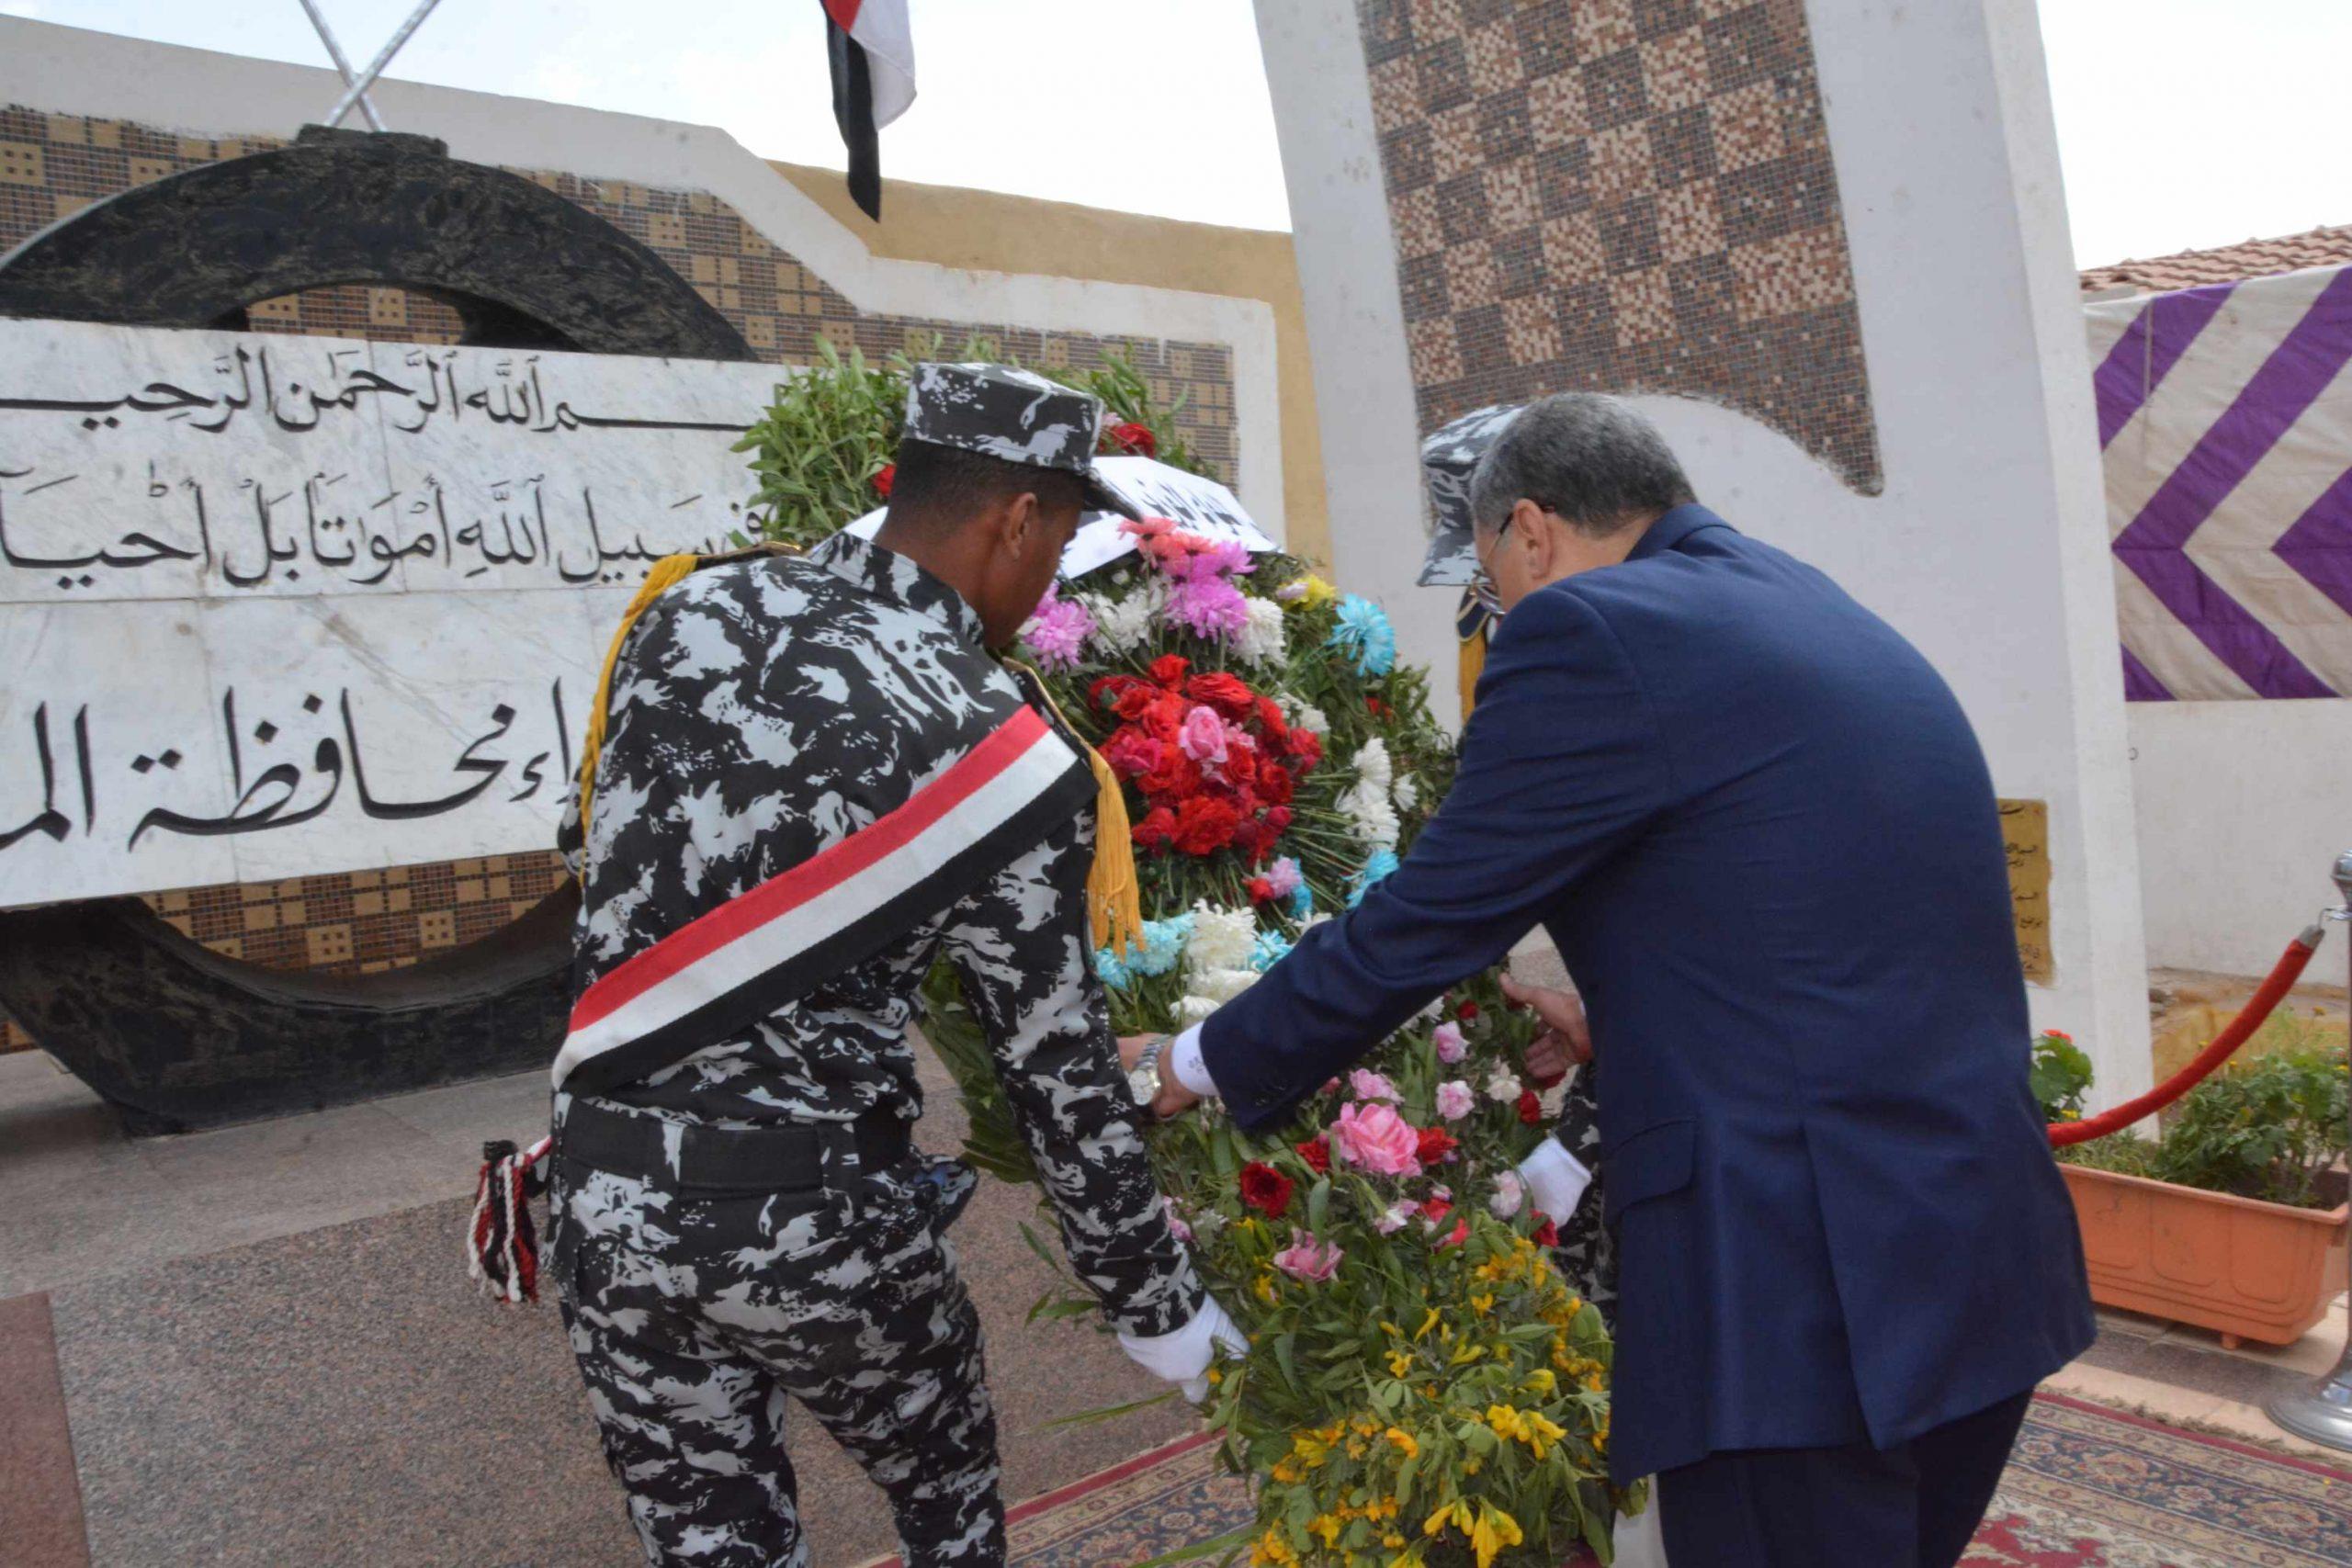 بمناسبة العيد القومي 101..محافظ المنيا يضع إكليلًا من الزهور على النصب التذكاري